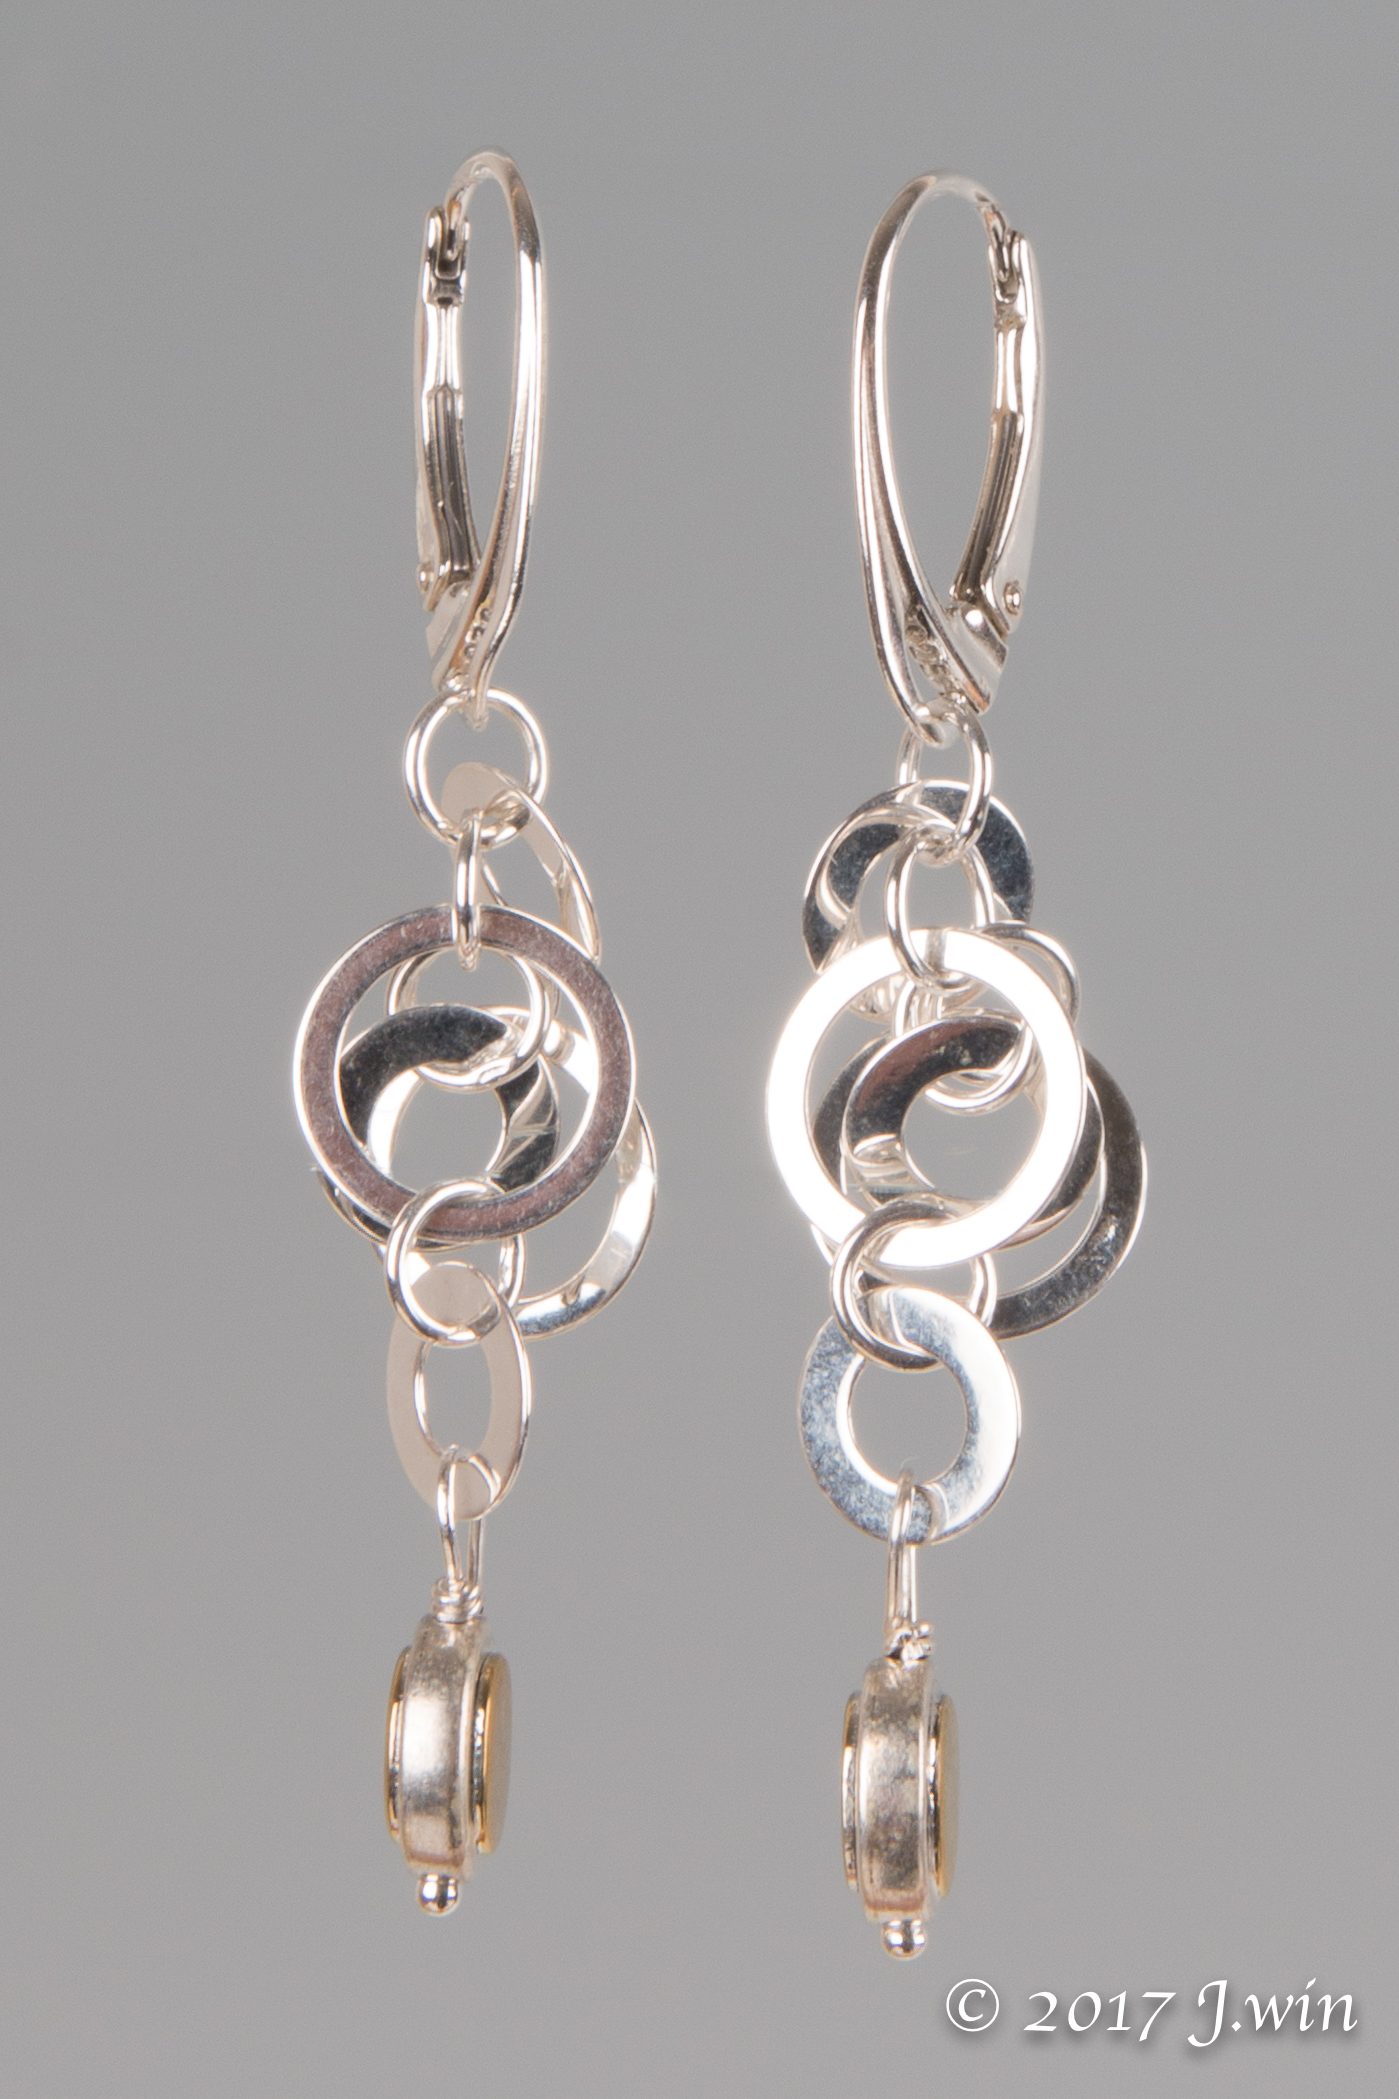 Ringo earrings